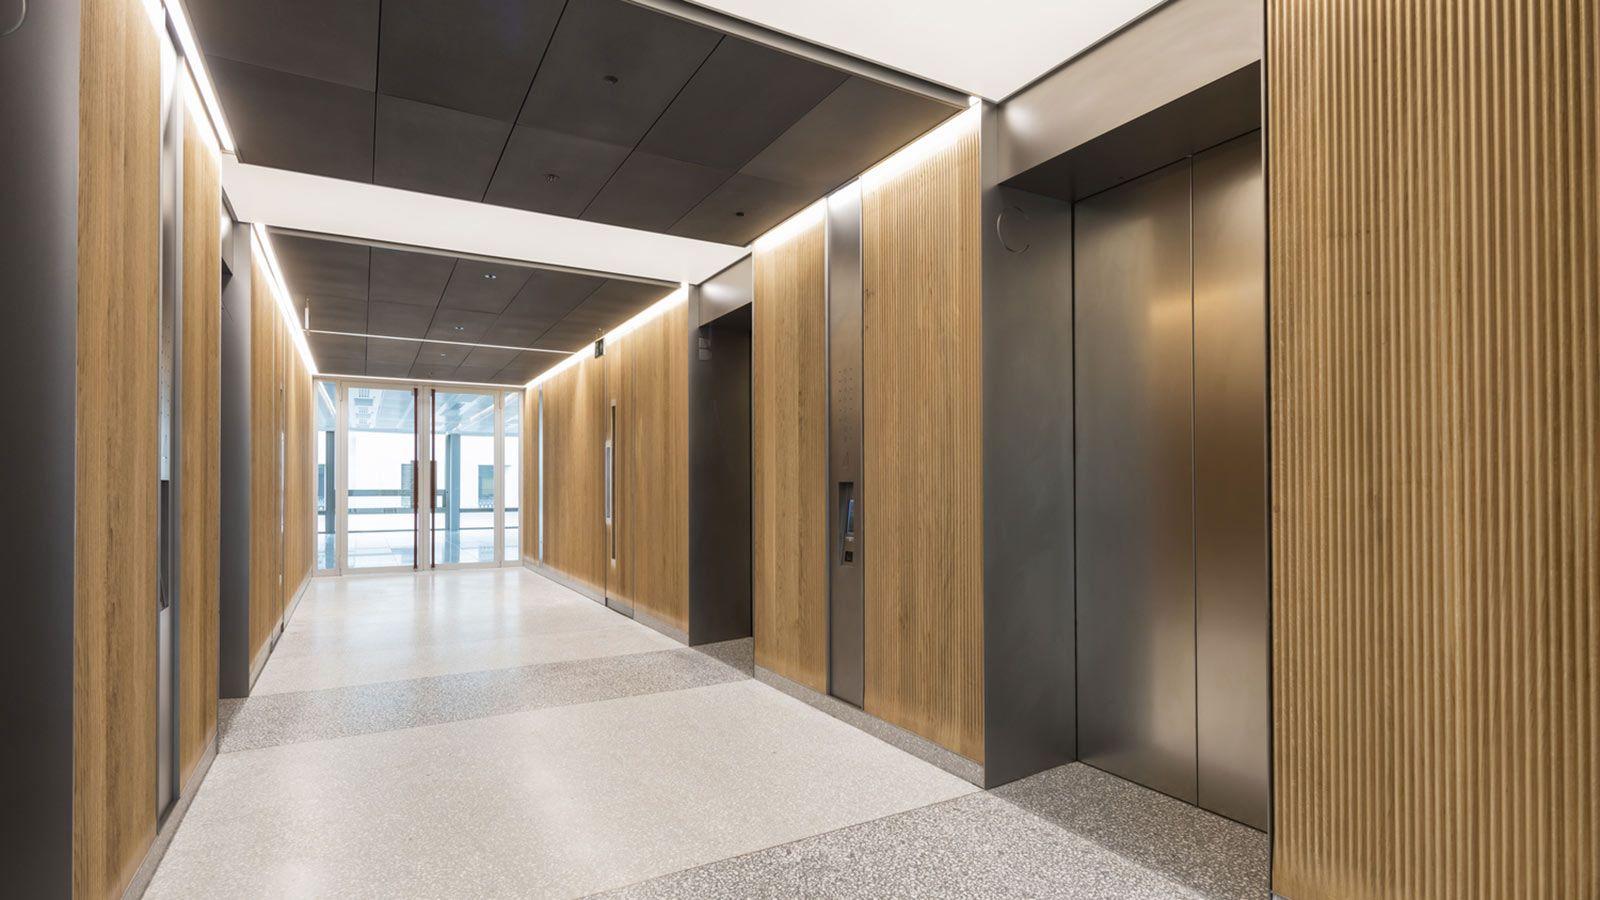 Elevators Inside W5 – New Burlington Place Building - Mace Group